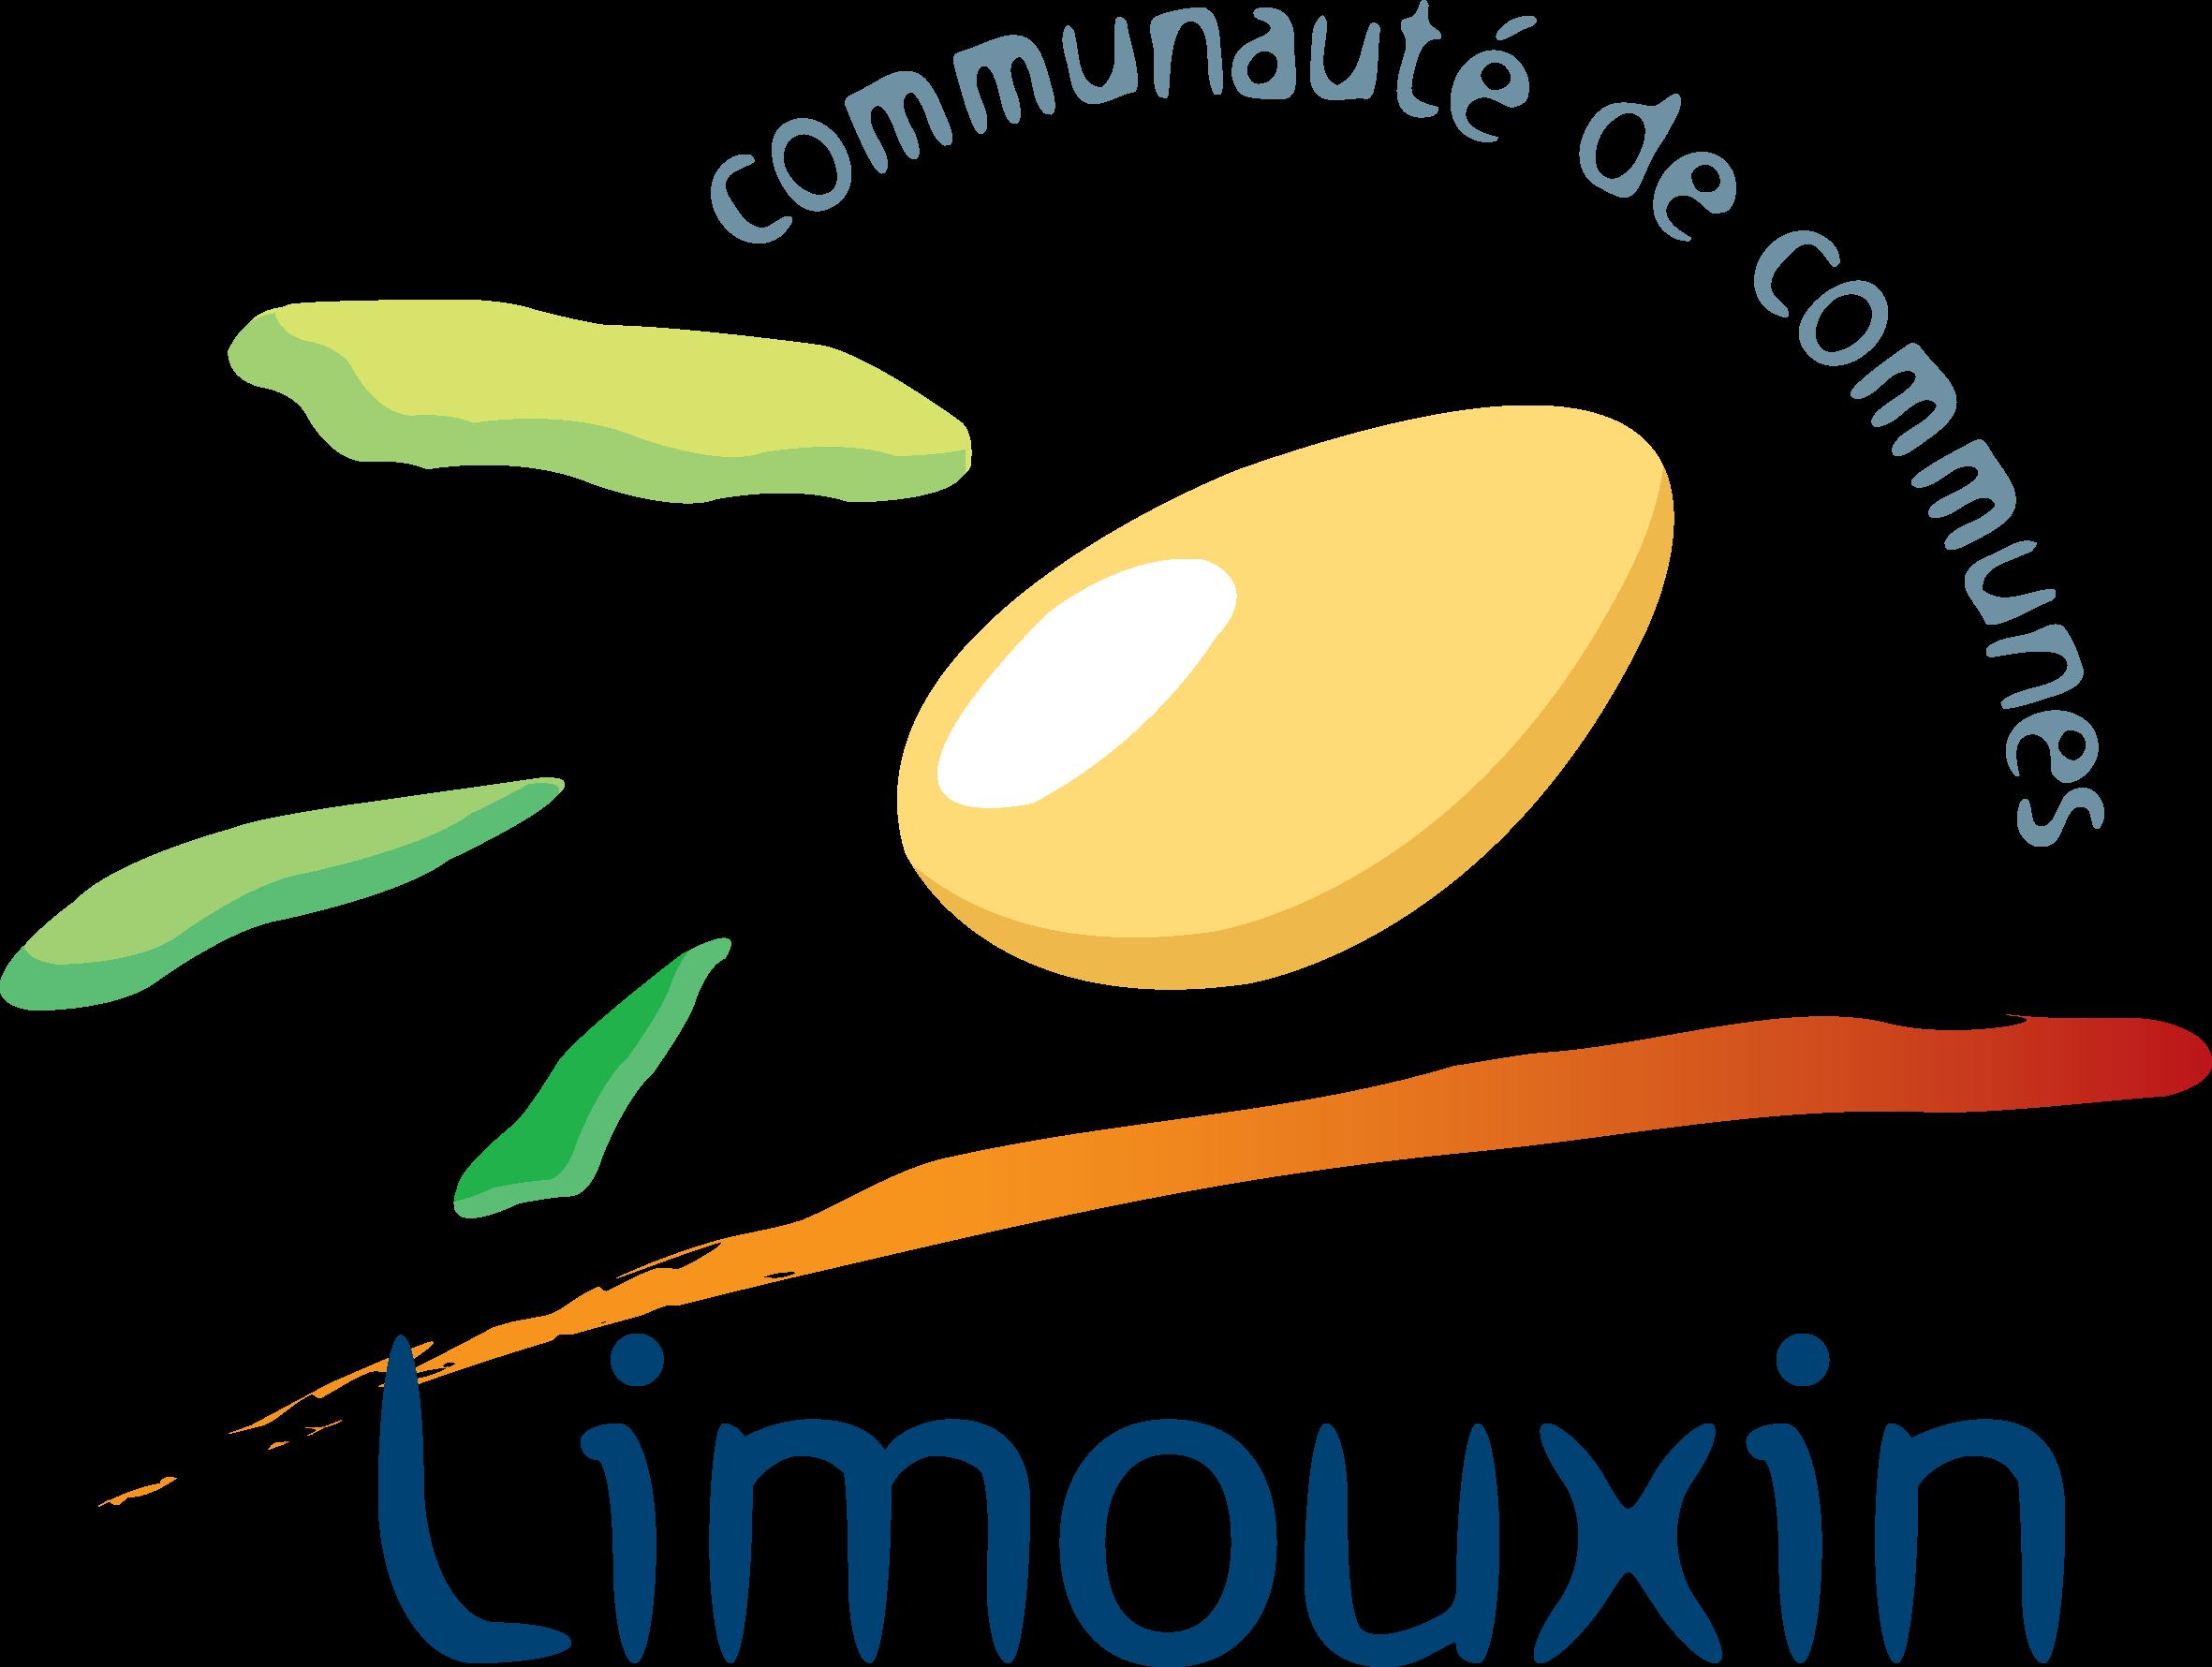 Communauté des communes du Limouxin